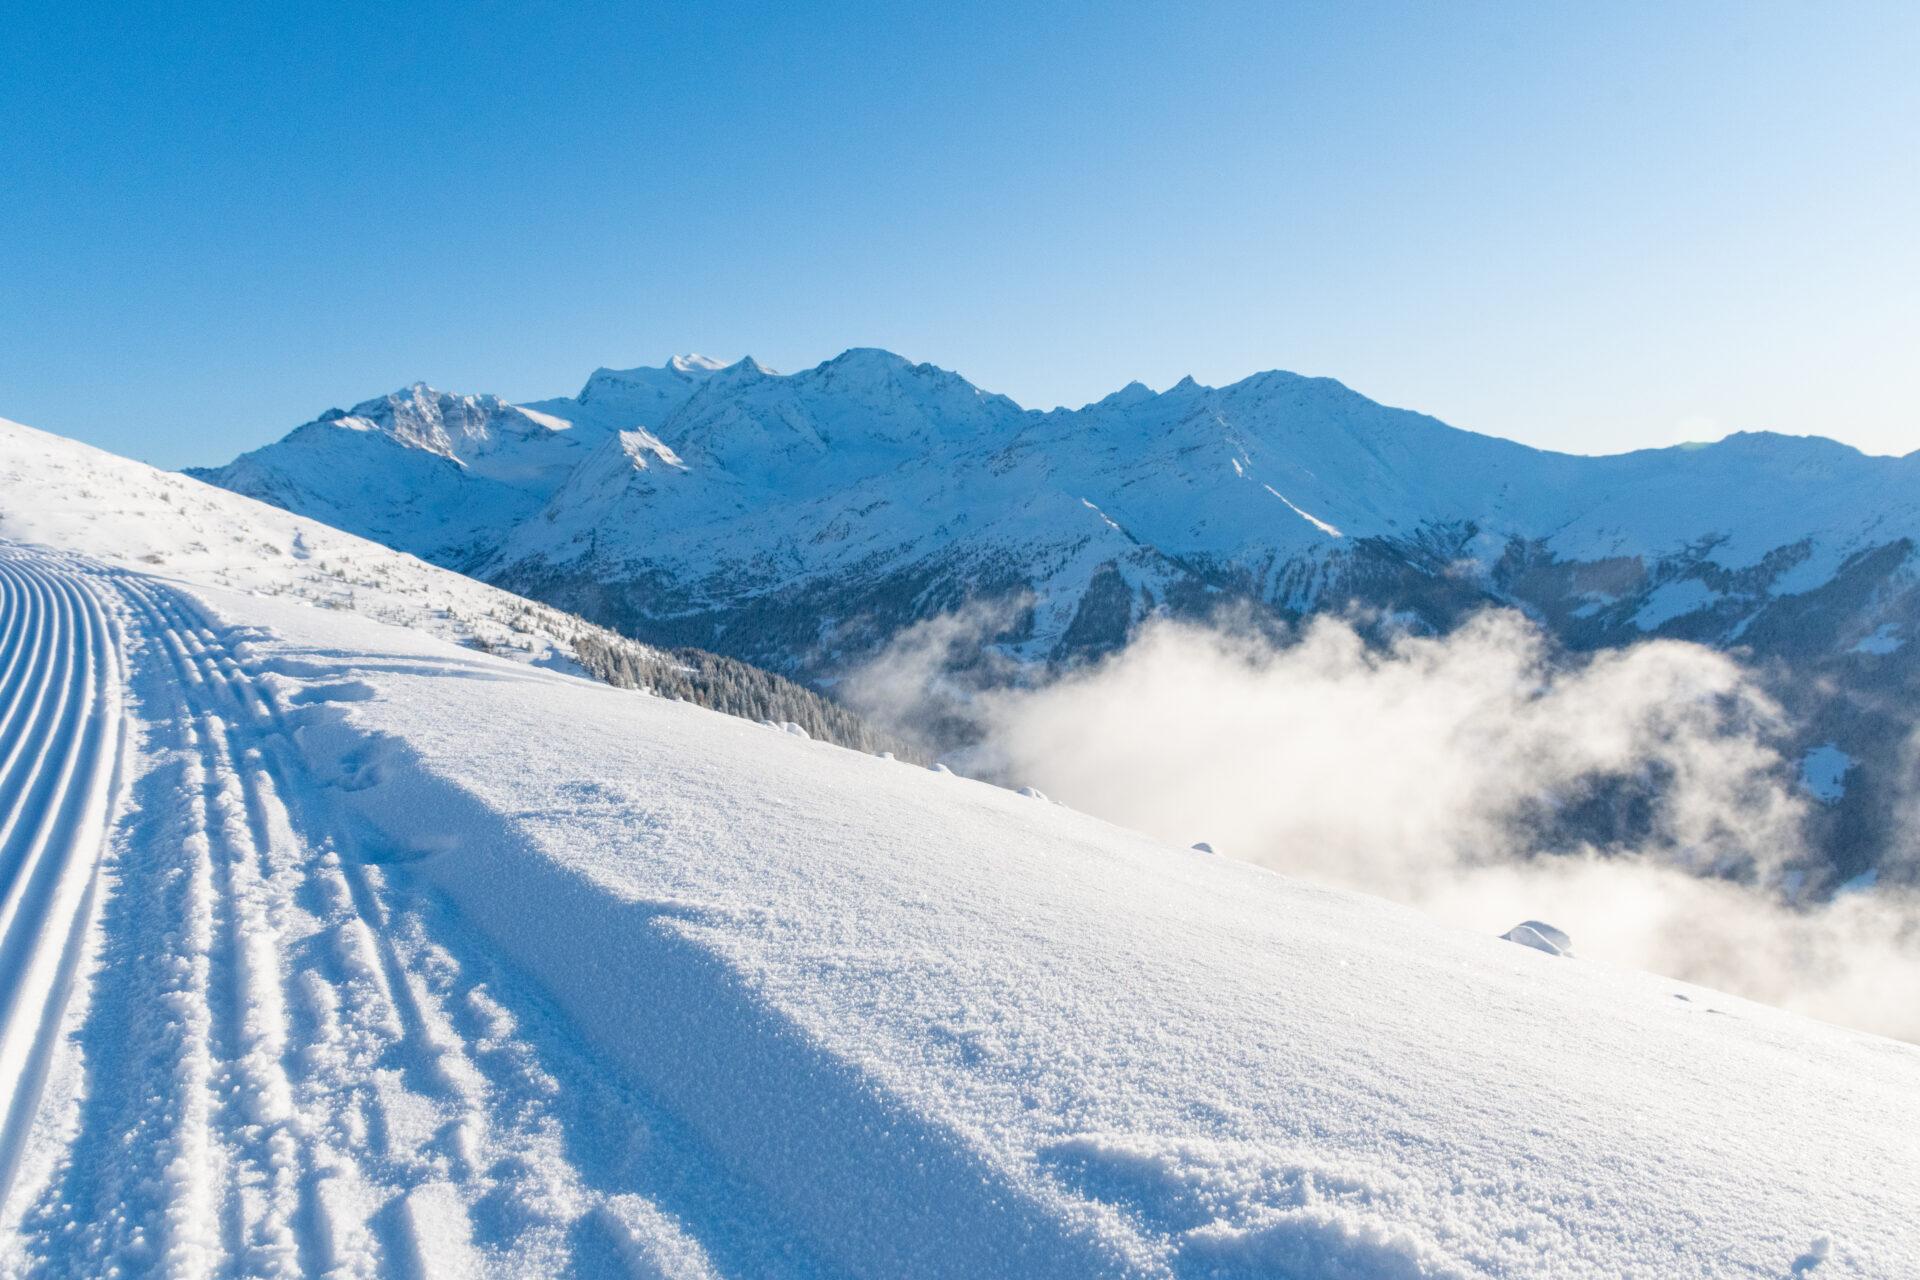 Verbier, een dorp gelegen in Les 4 Vallées, is één van de bekendste skioorden van het land.